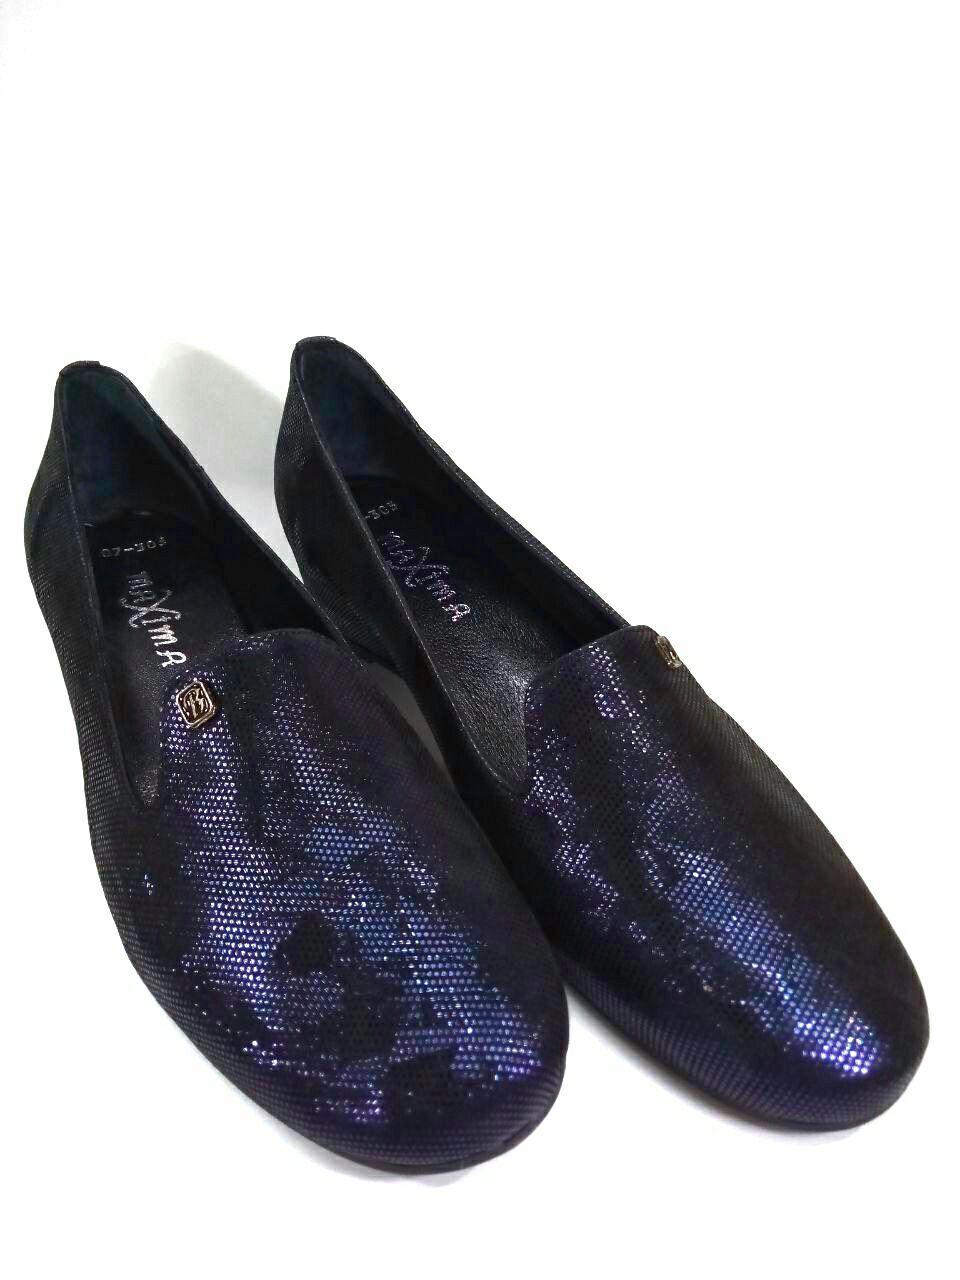 0e135bd09 Женские туфли больших размеров Maxima 11050/58 - интернет-магазин обуви в  Киеве ТОП